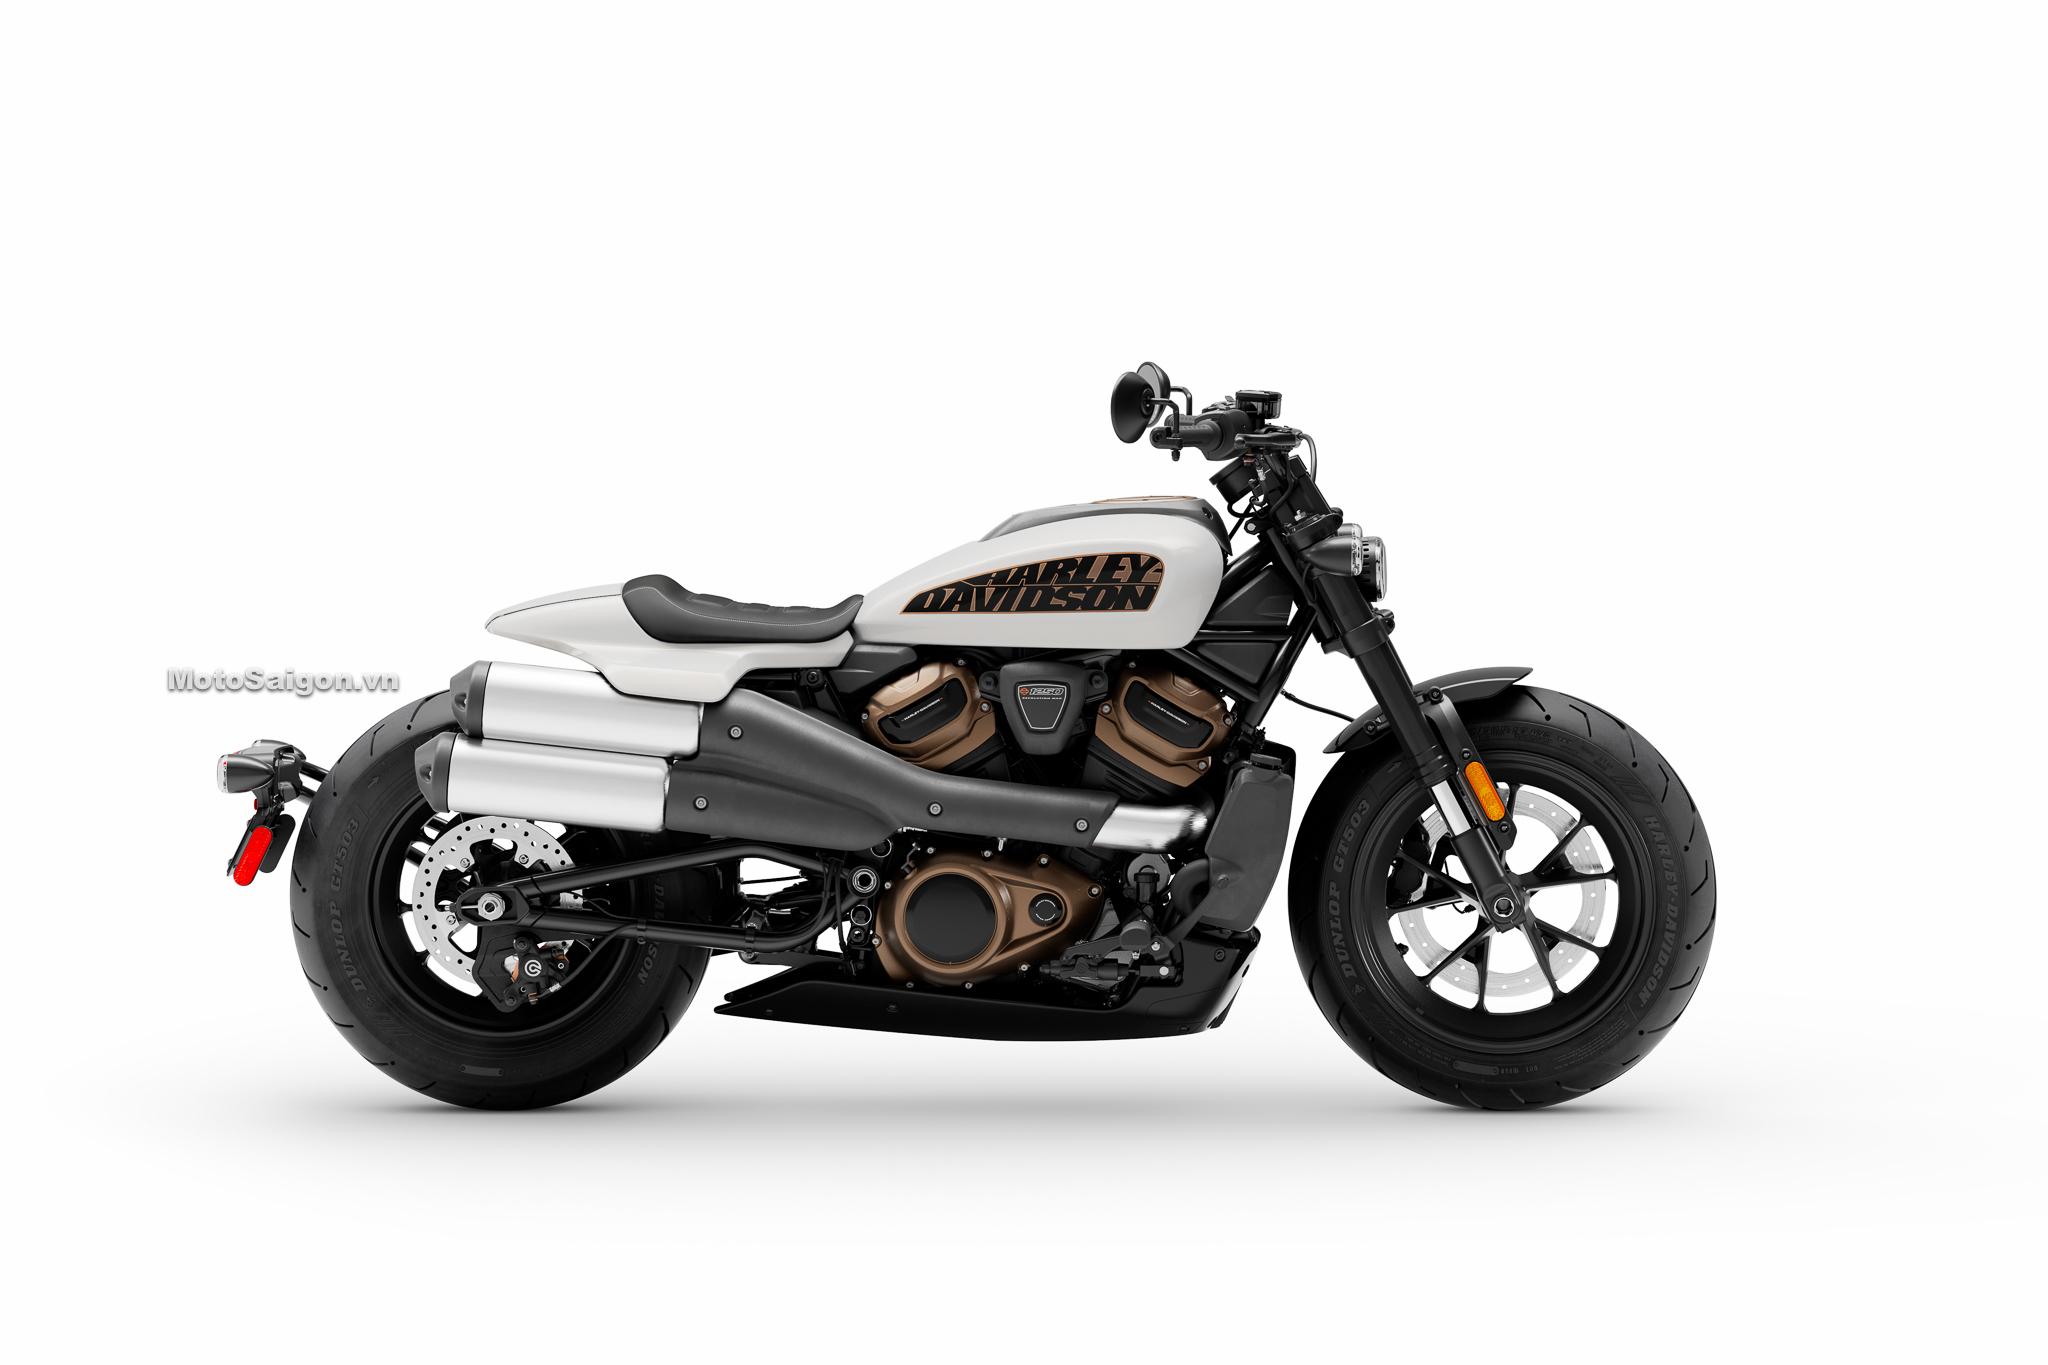 Harley-Davidson Sportster S màu trắng ngọc trai